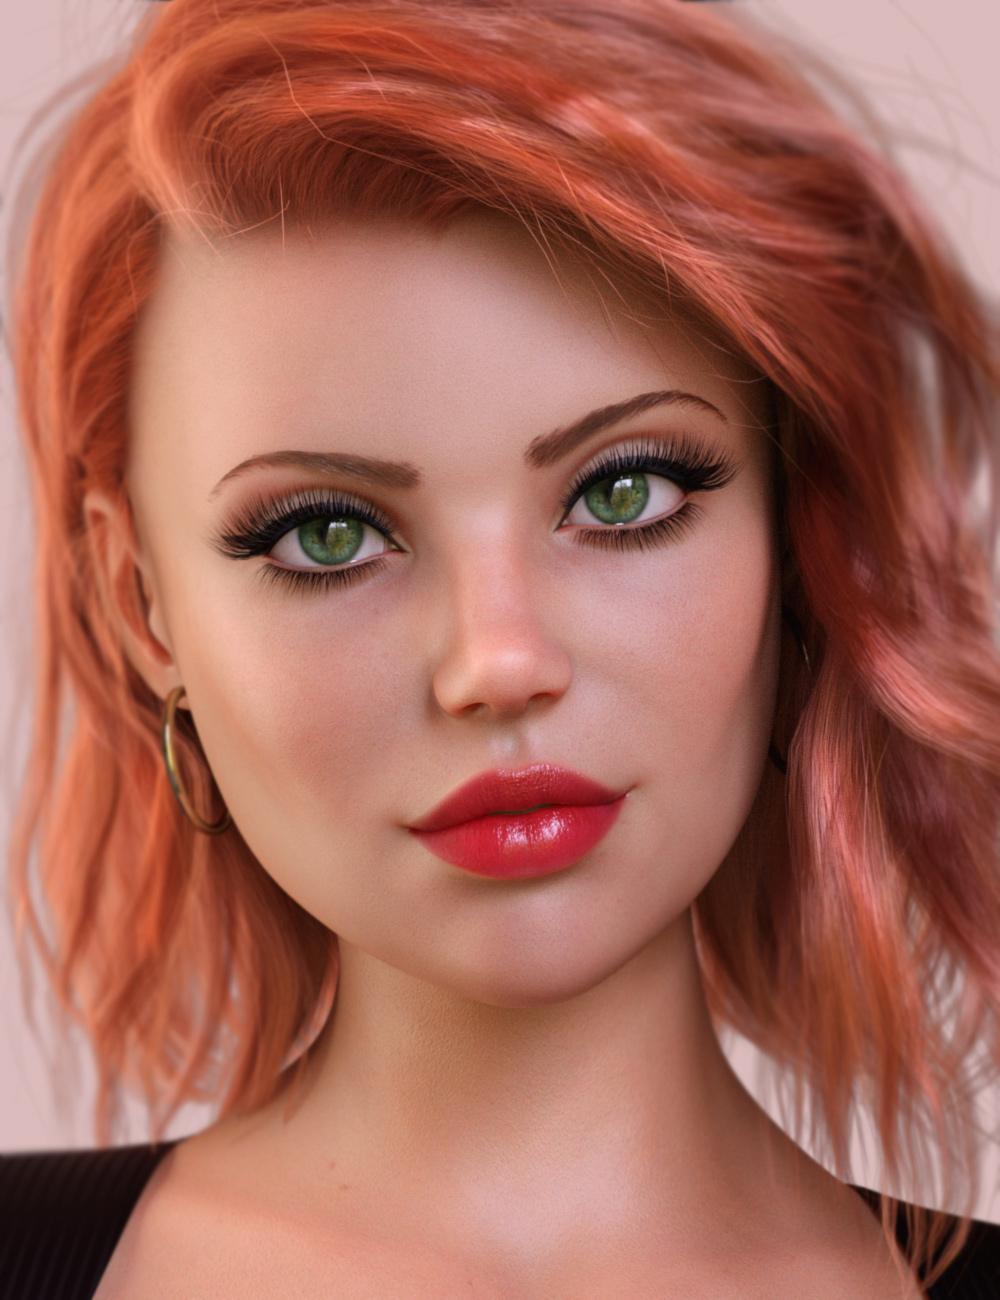 Lanna for Genesis 8 Female by: maelwenn, 3D Models by Daz 3D